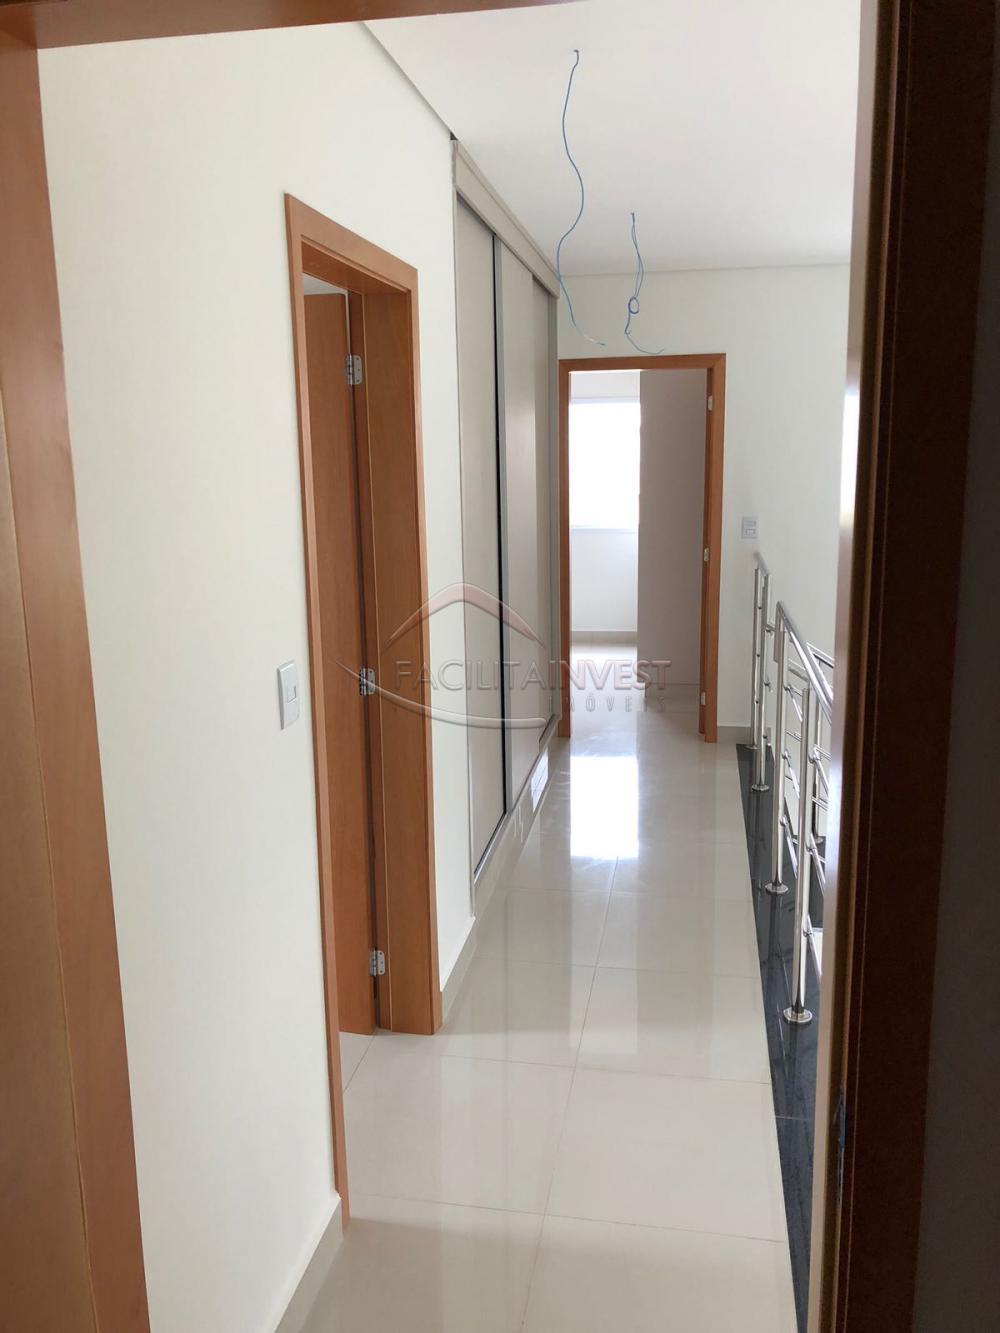 Comprar Casa Condomínio / Casa Condomínio em Ribeirão Preto apenas R$ 890.000,00 - Foto 25